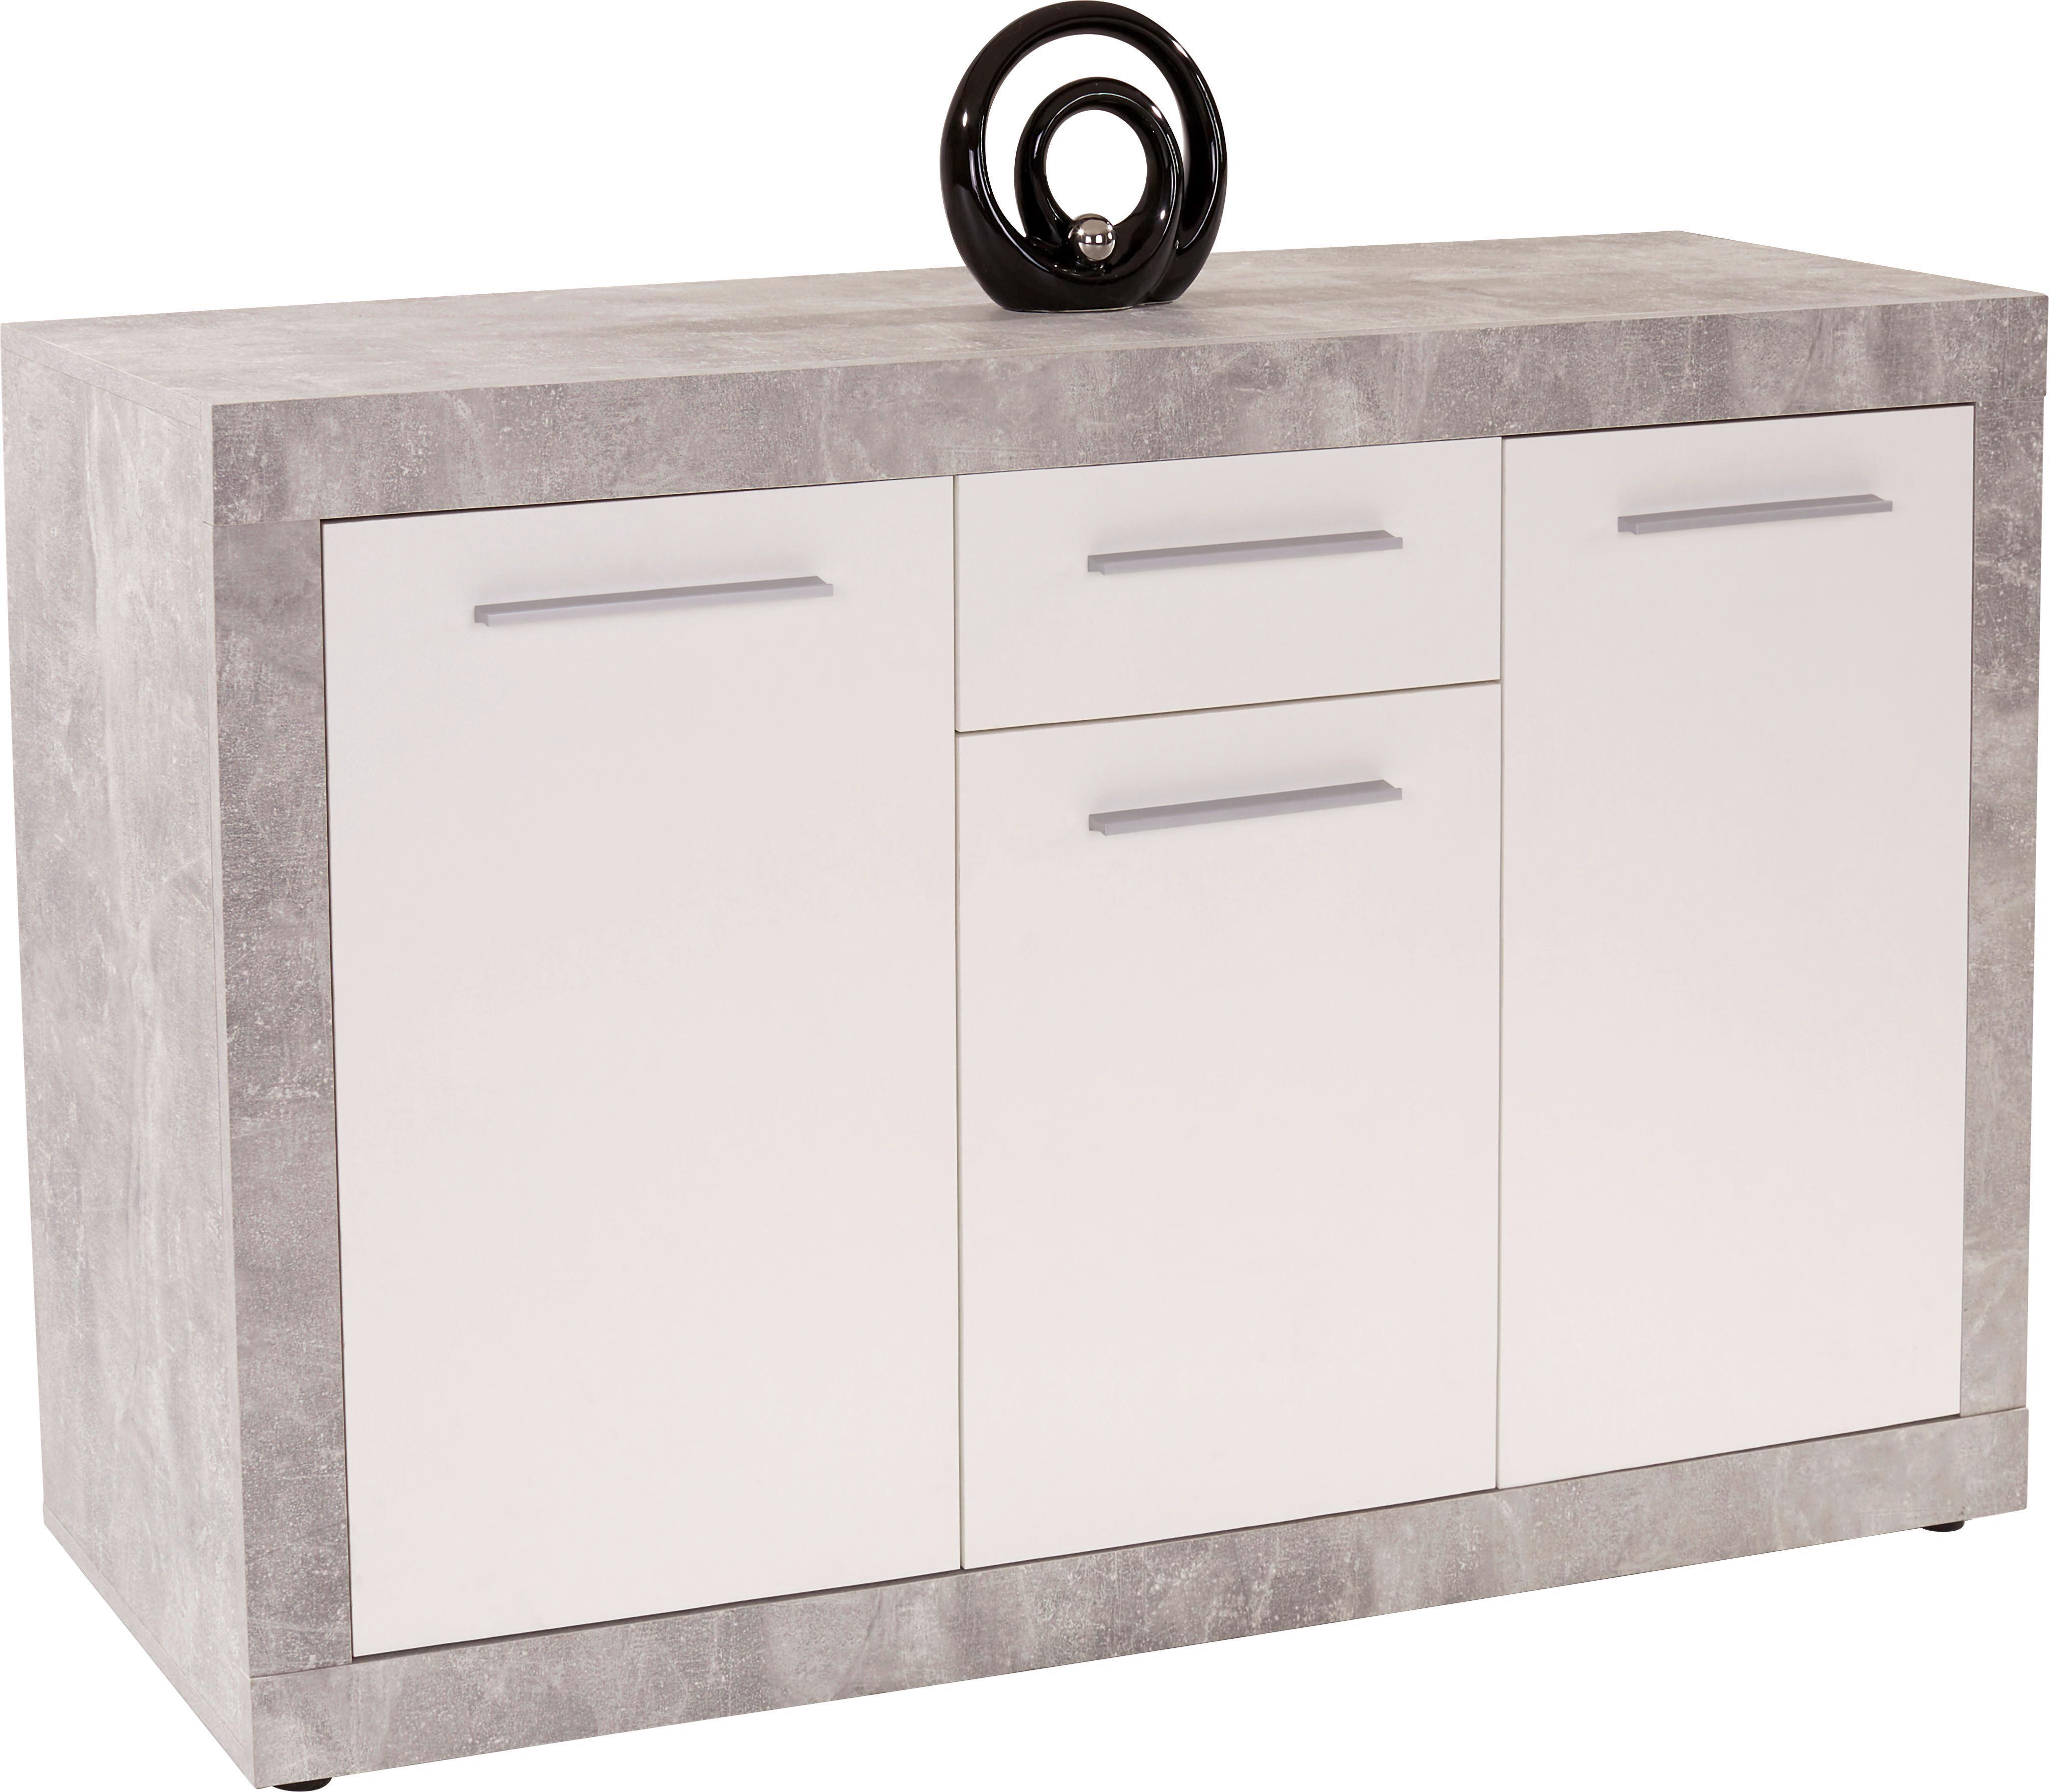 Komoda Komoda - bijela, Konvencionalno, drvni materijal (149/86/41cm)